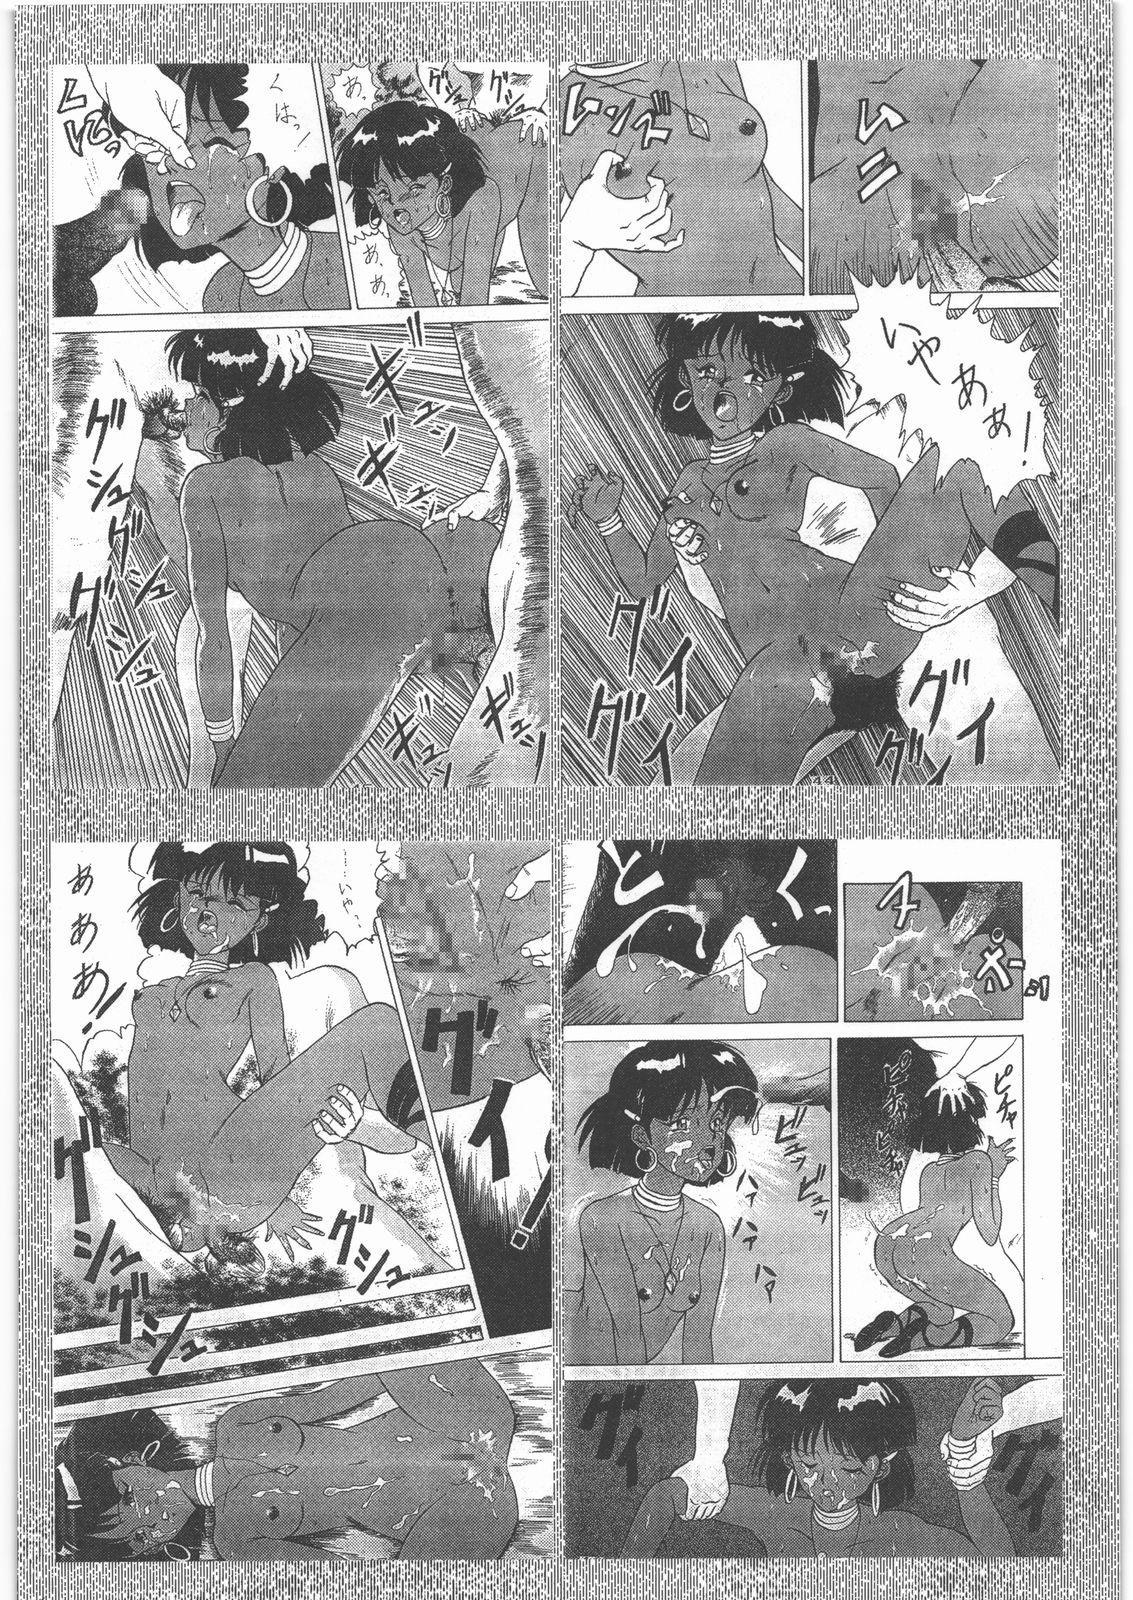 Umetamangashuu 15 4